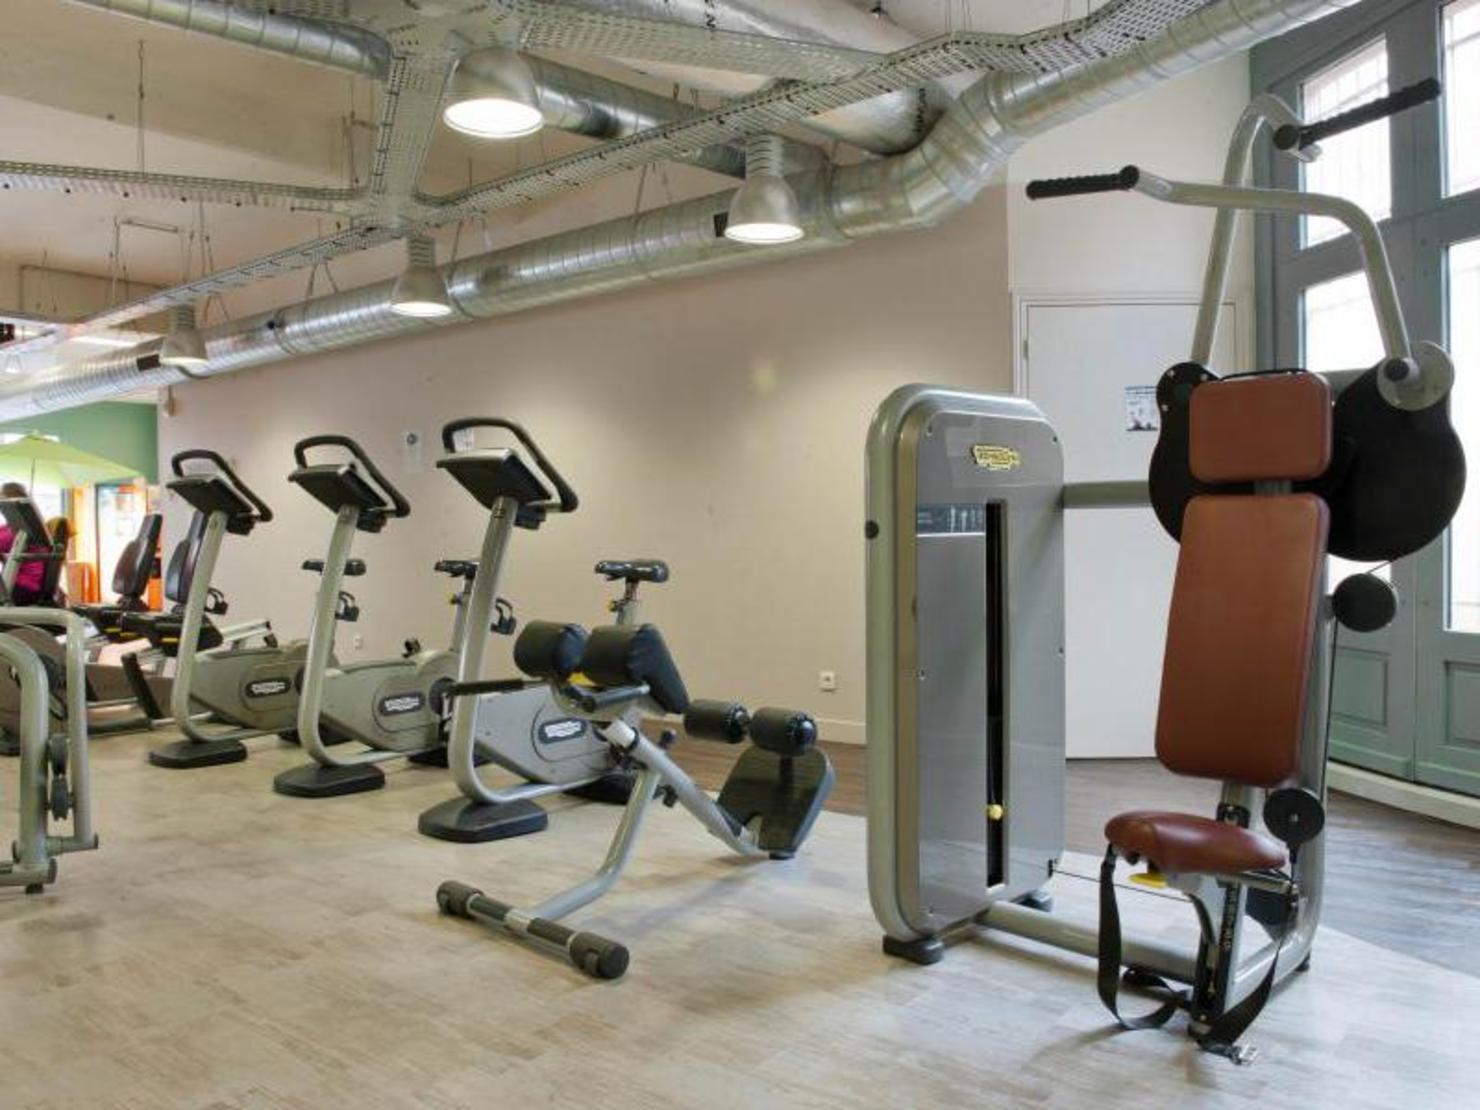 Cercle de la forme porte de bagnolet paris tarifs avis horaires essai gratuit - Salle de sport porte d orleans ...